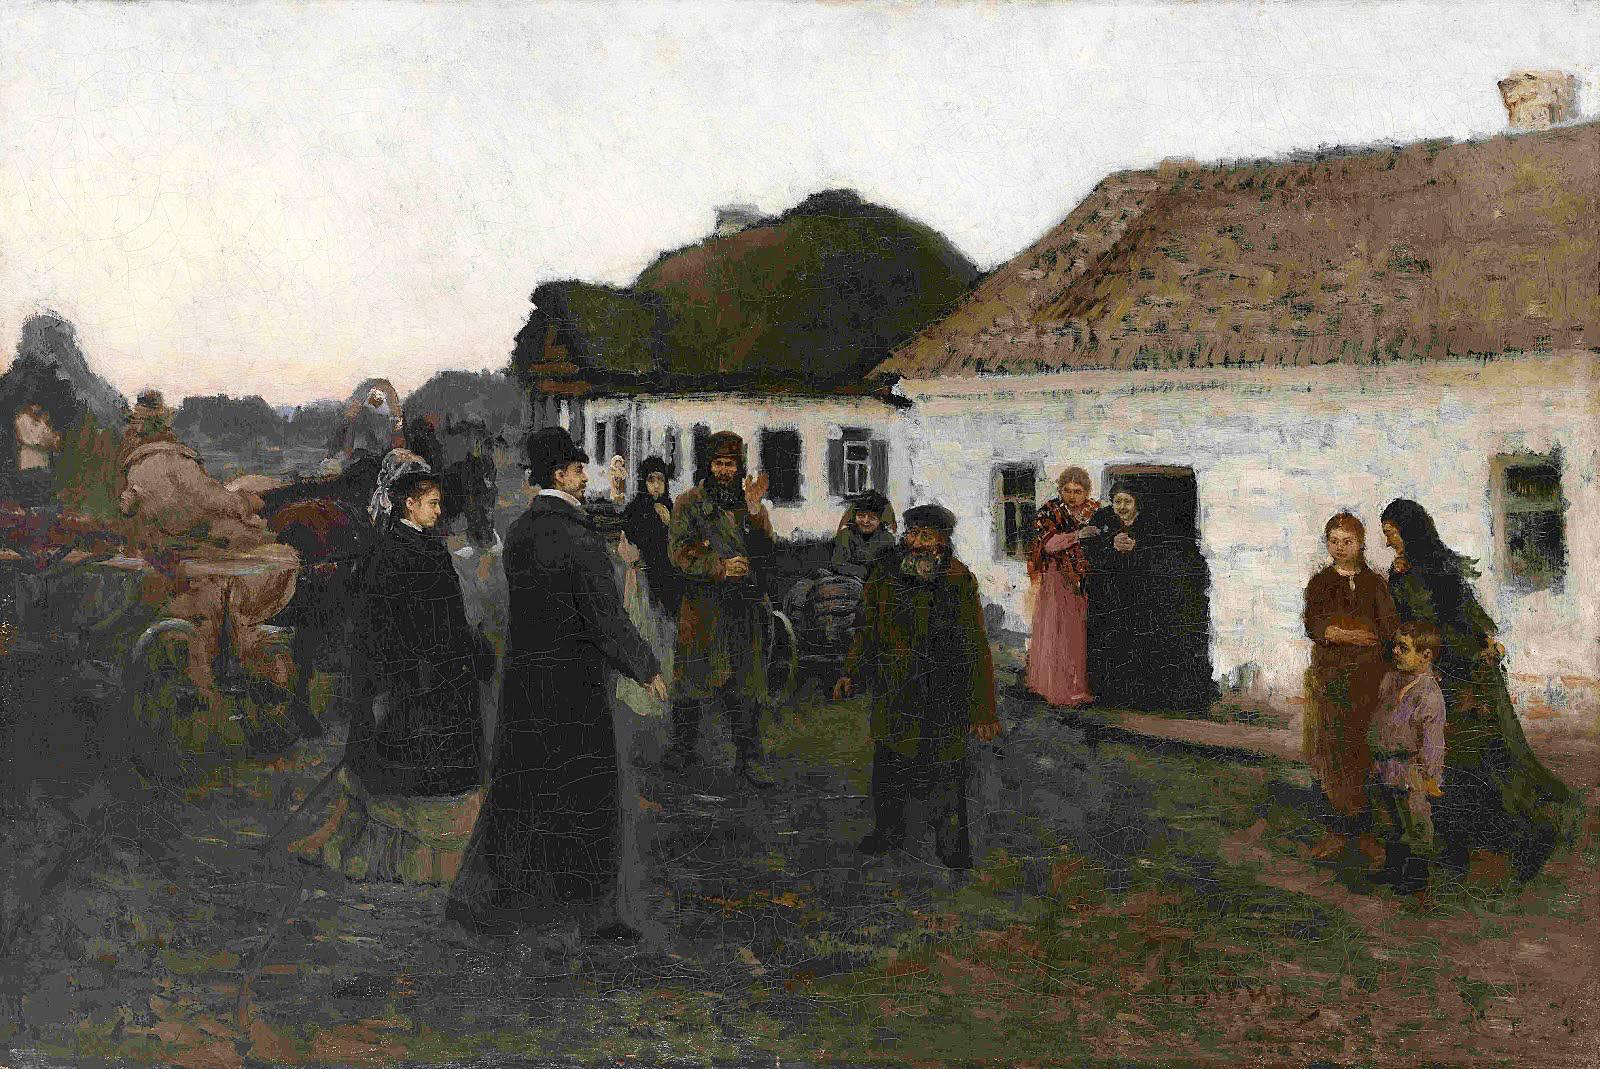 Илья Репин. Возвращение в отчий дом. 1876